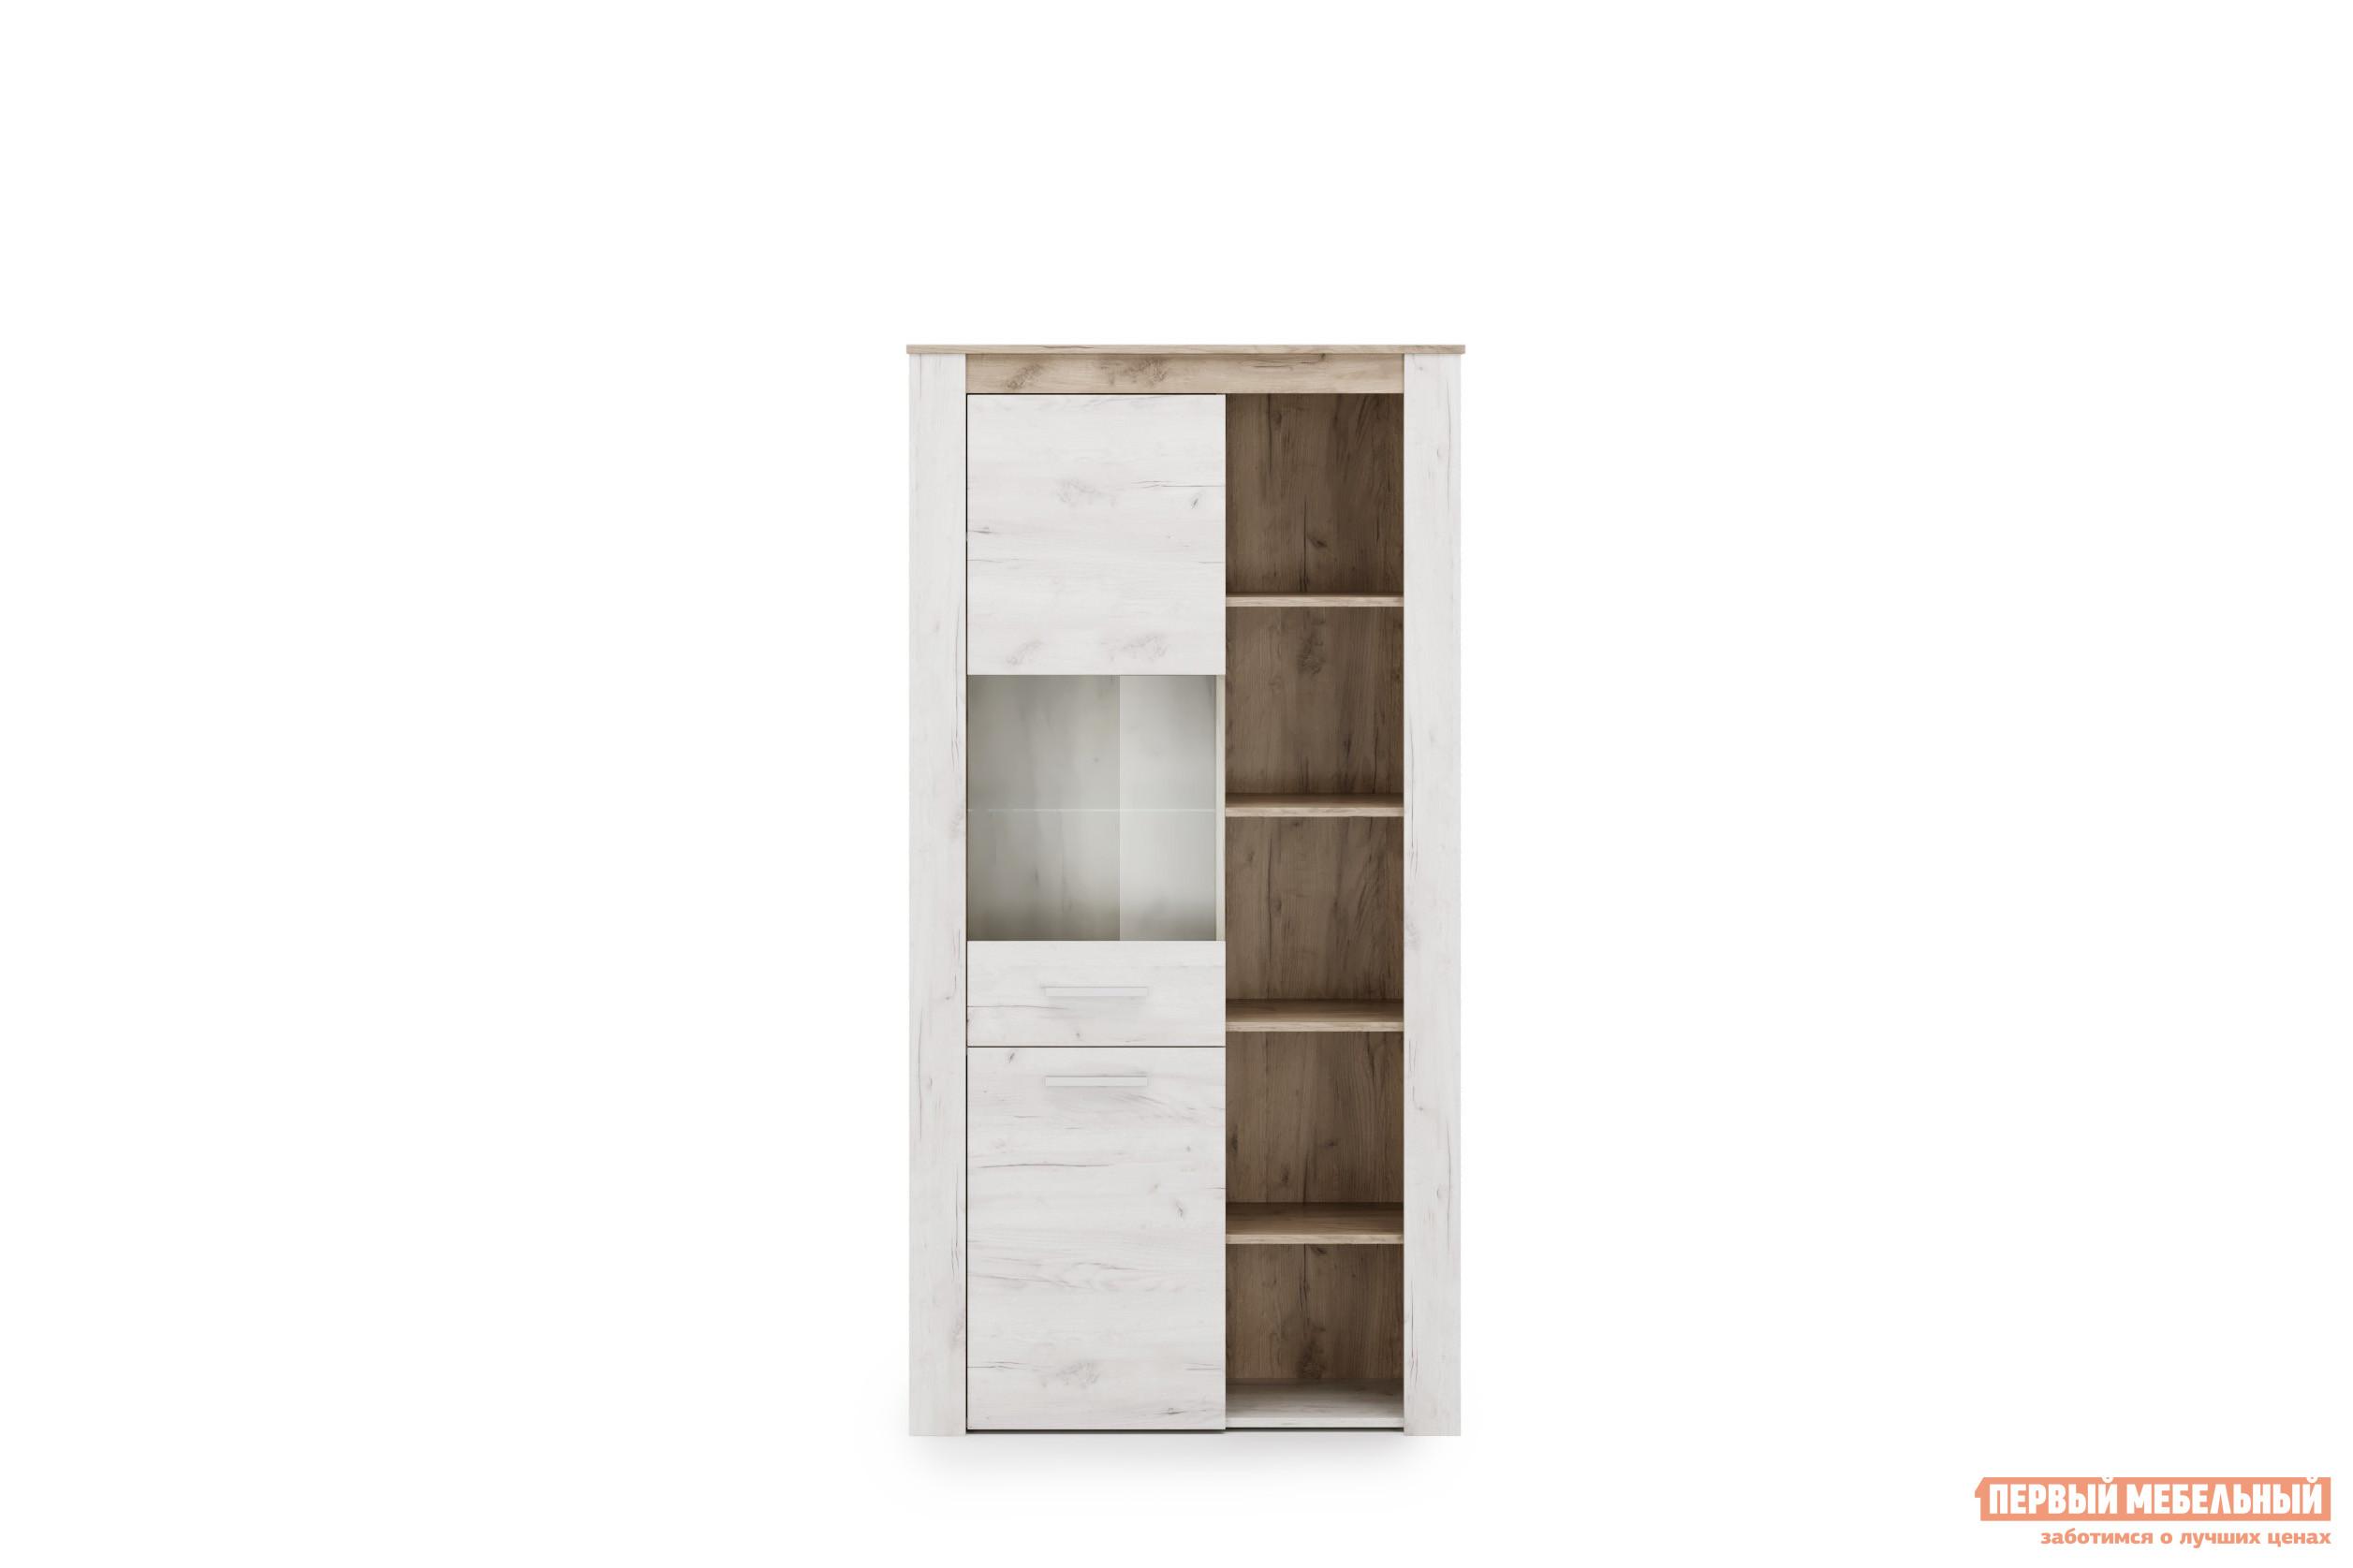 Шкаф-витрина Первый Мебельный Витрина 2 Амстердам цена